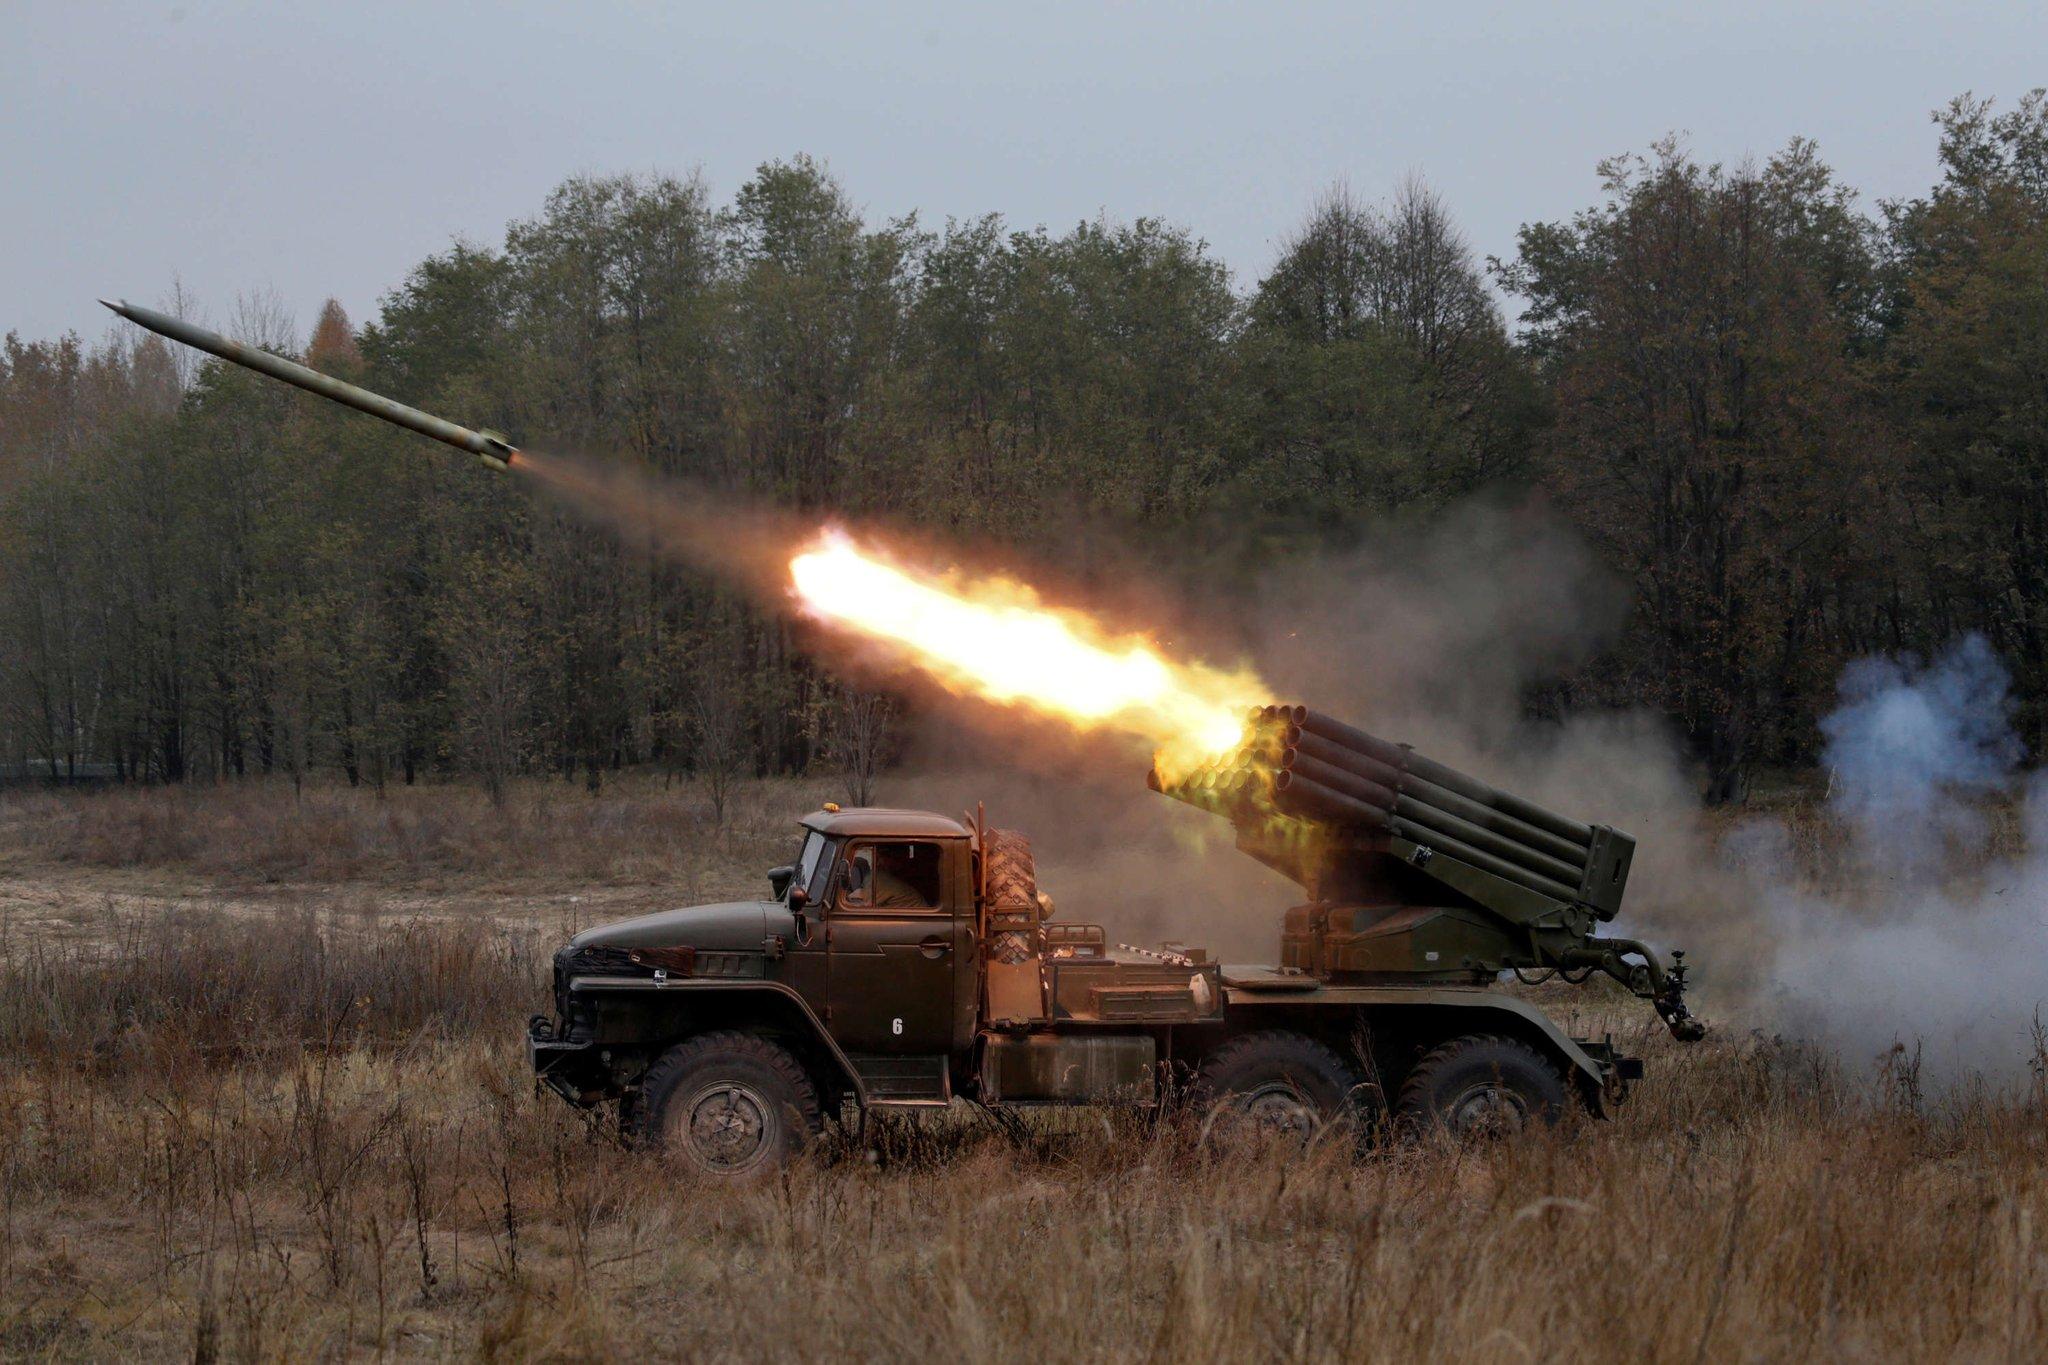 тема фото ракеты град прекрасно вписывается